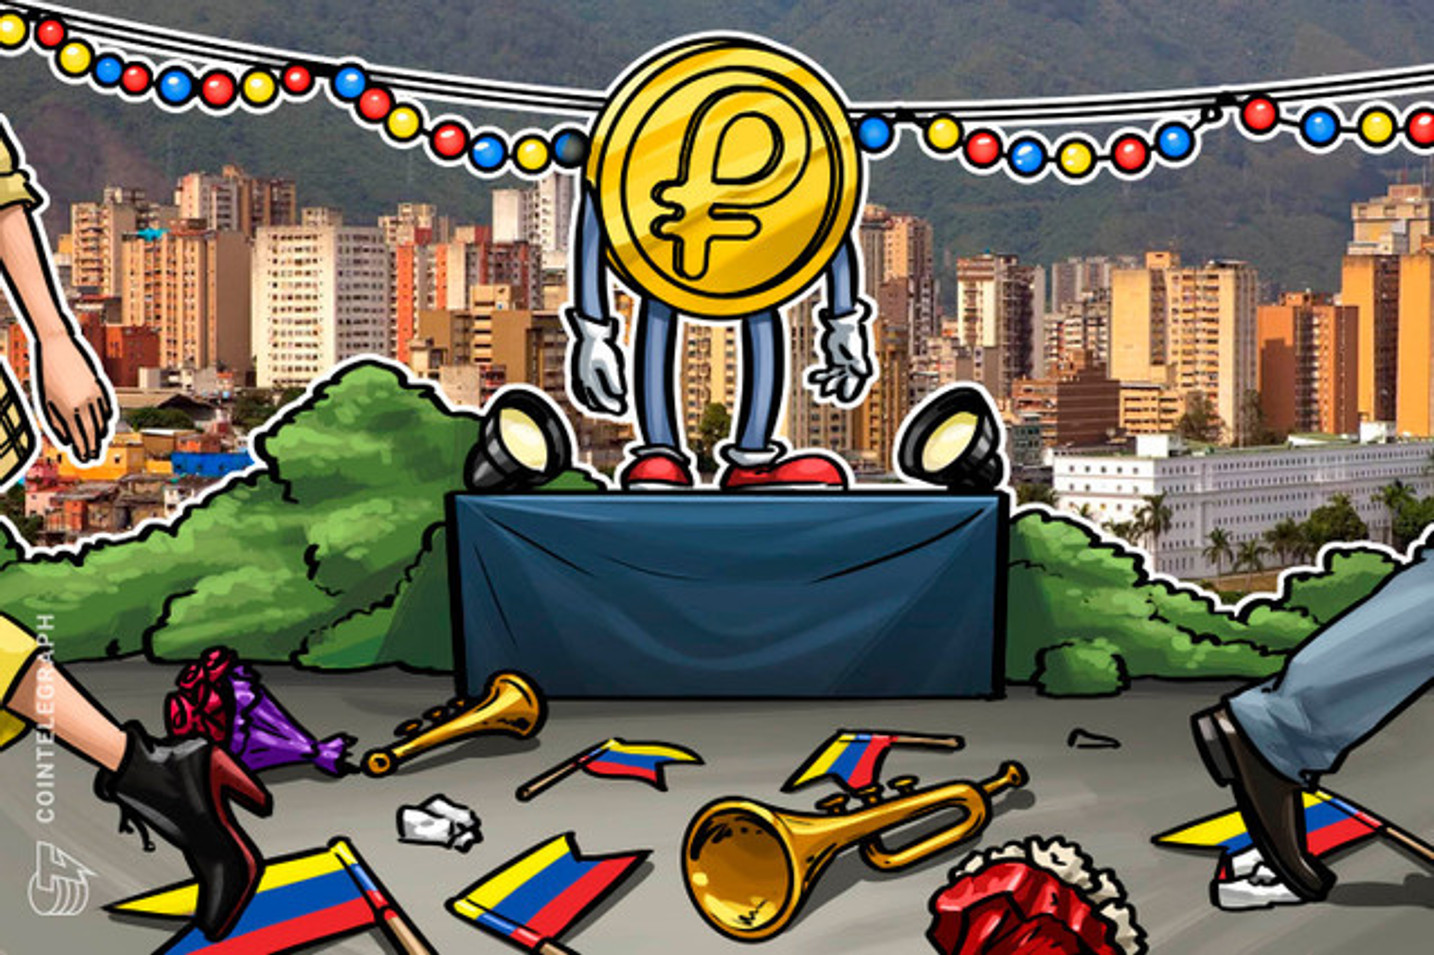 Organismo regulador de criptoactivos en Venezuela  denuncia estafas a usuarios con Petro fuera de sus plataformas autorizadas